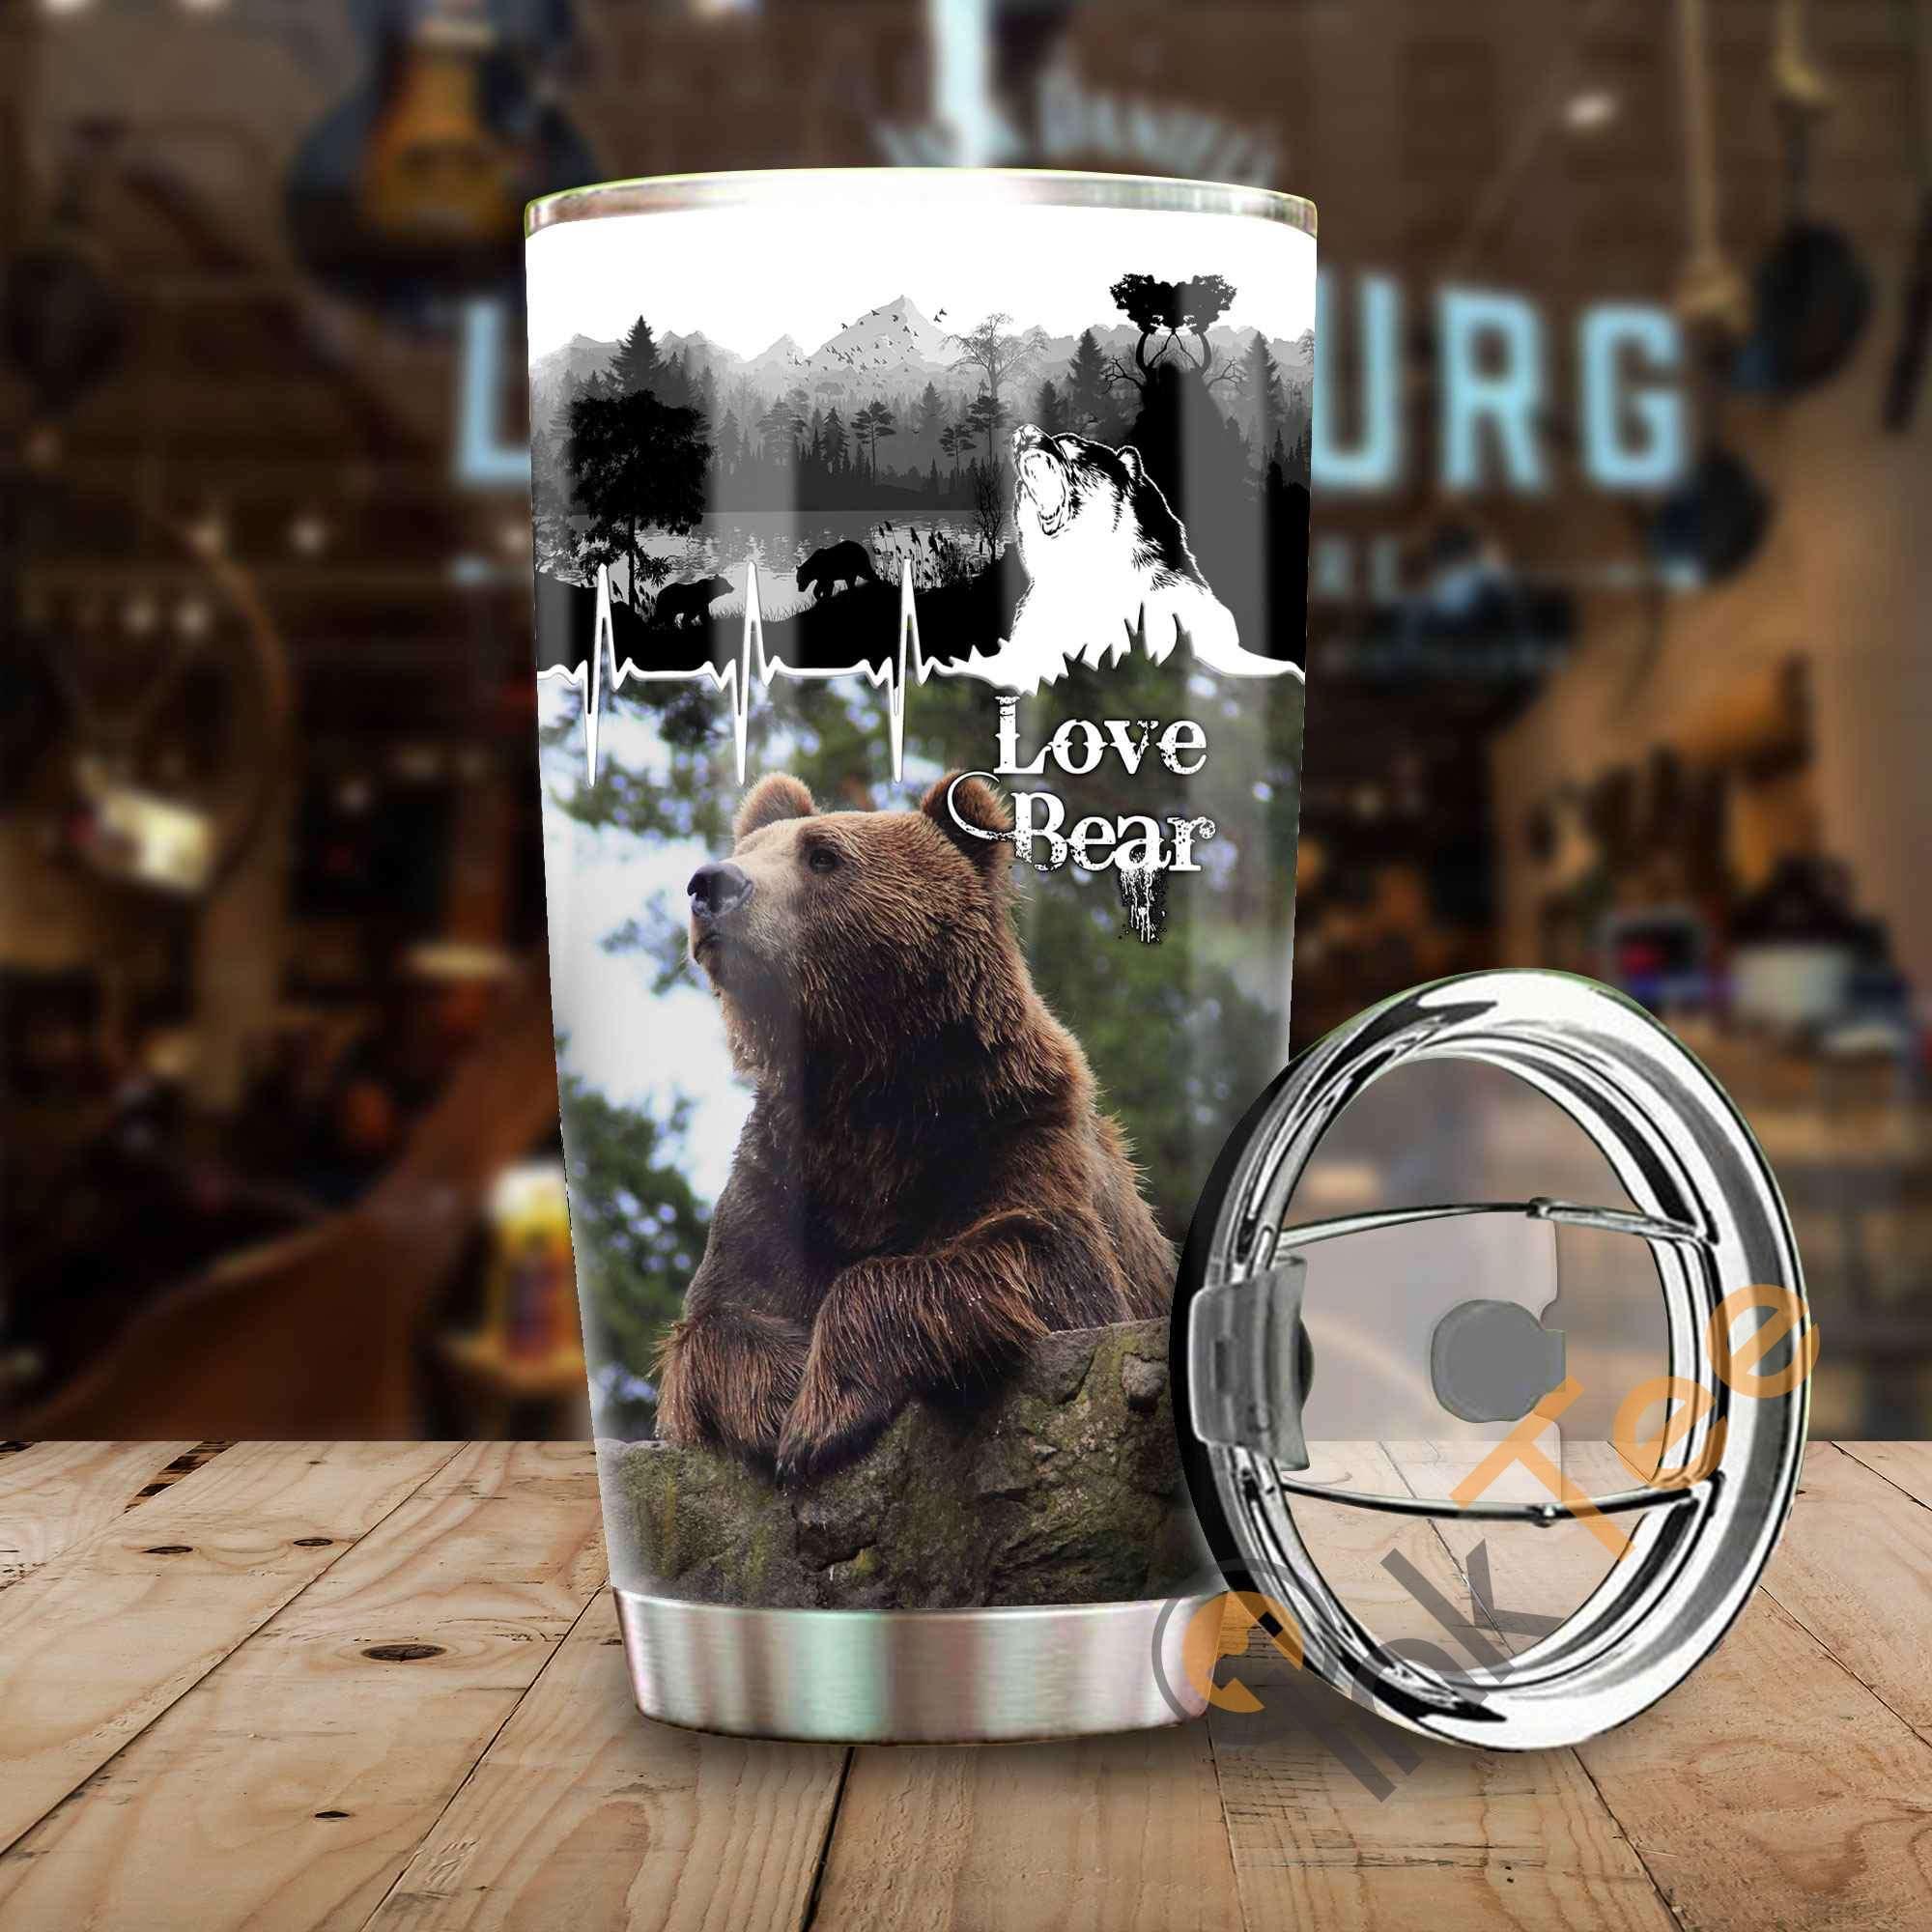 Love Bear Amazon Best Seller Sku 2998 Stainless Steel Tumbler